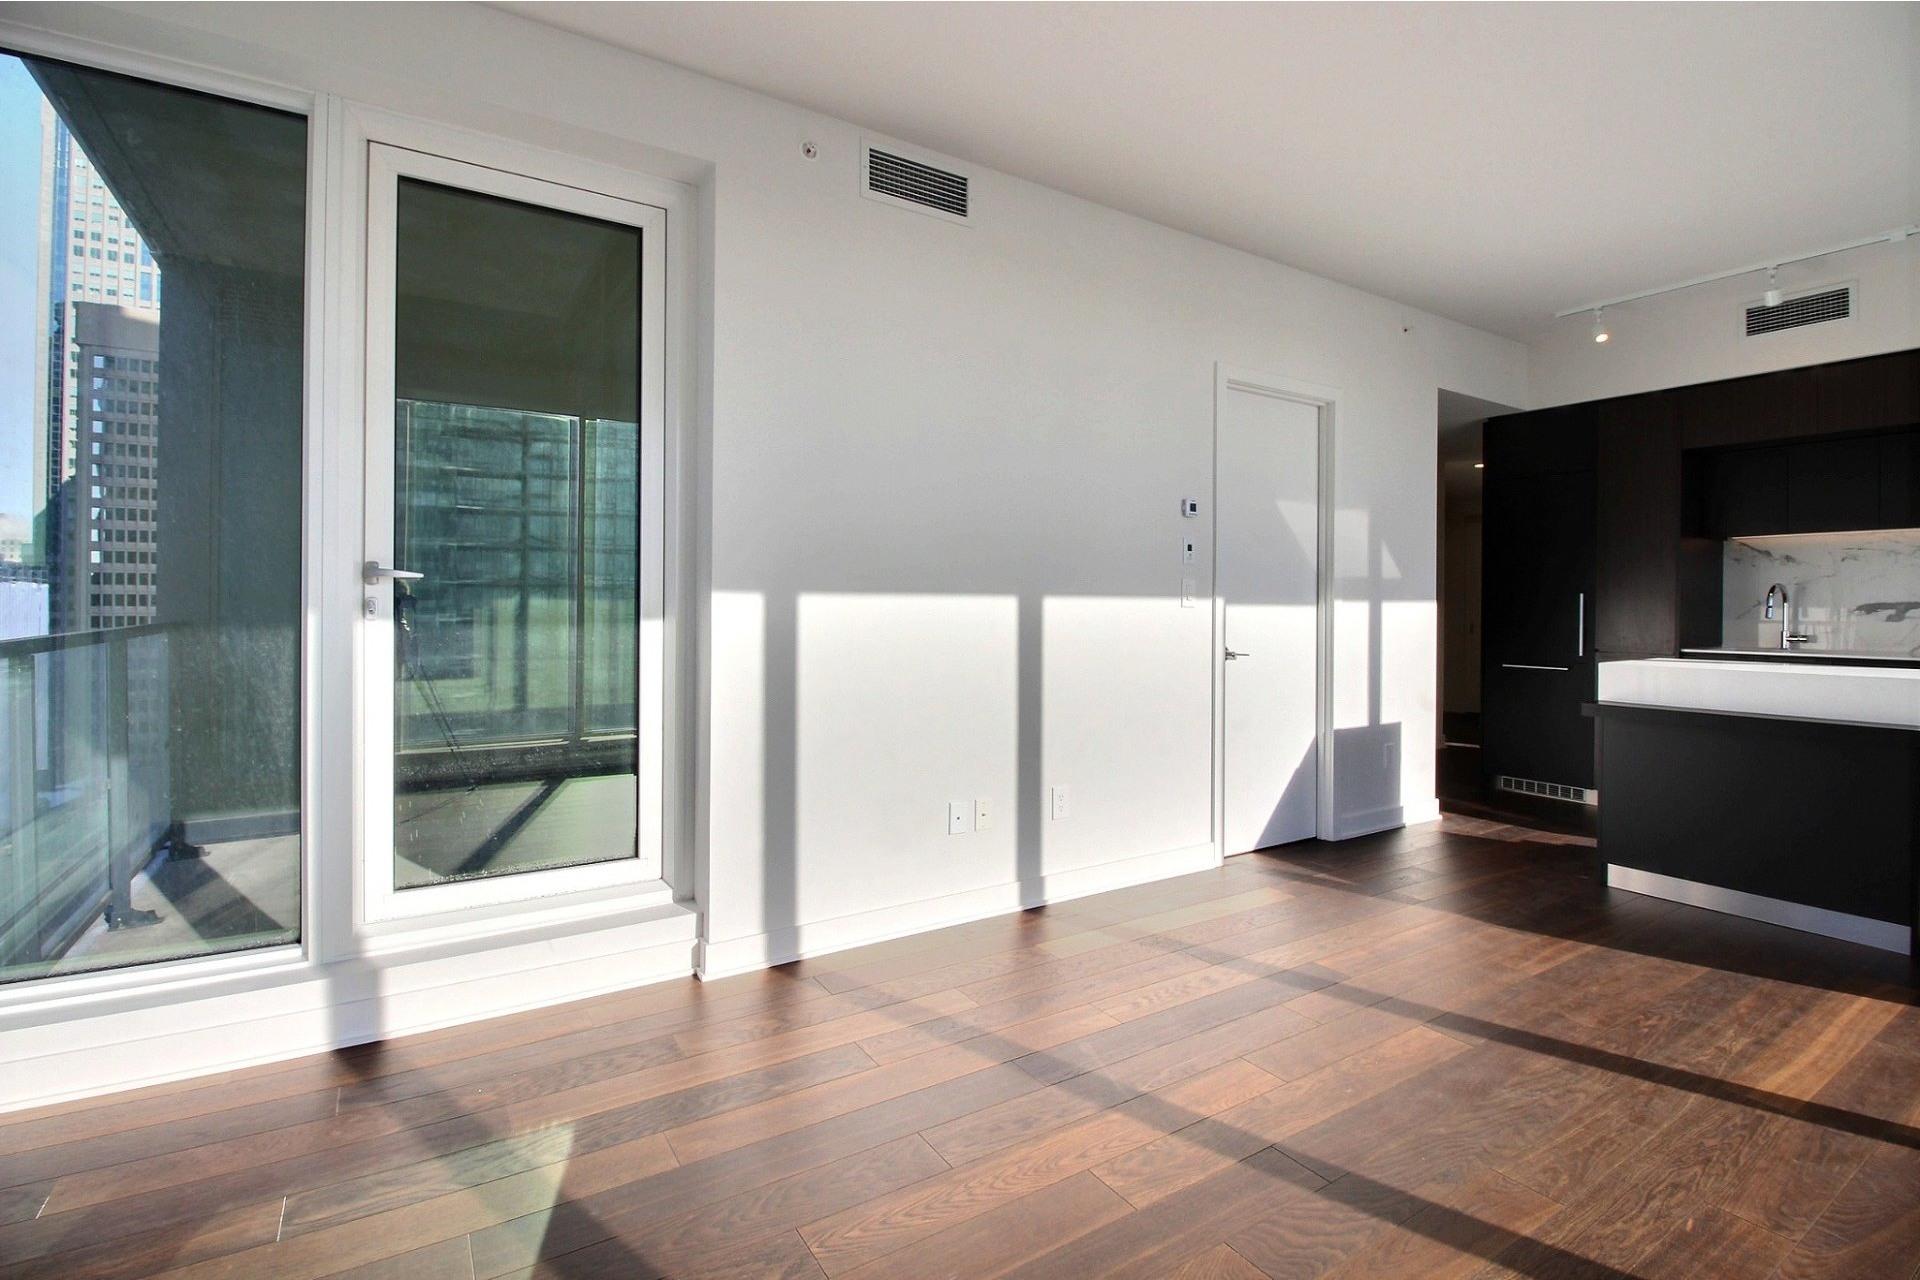 image 18 - Apartment For rent Ville-Marie Montréal  - 7 rooms